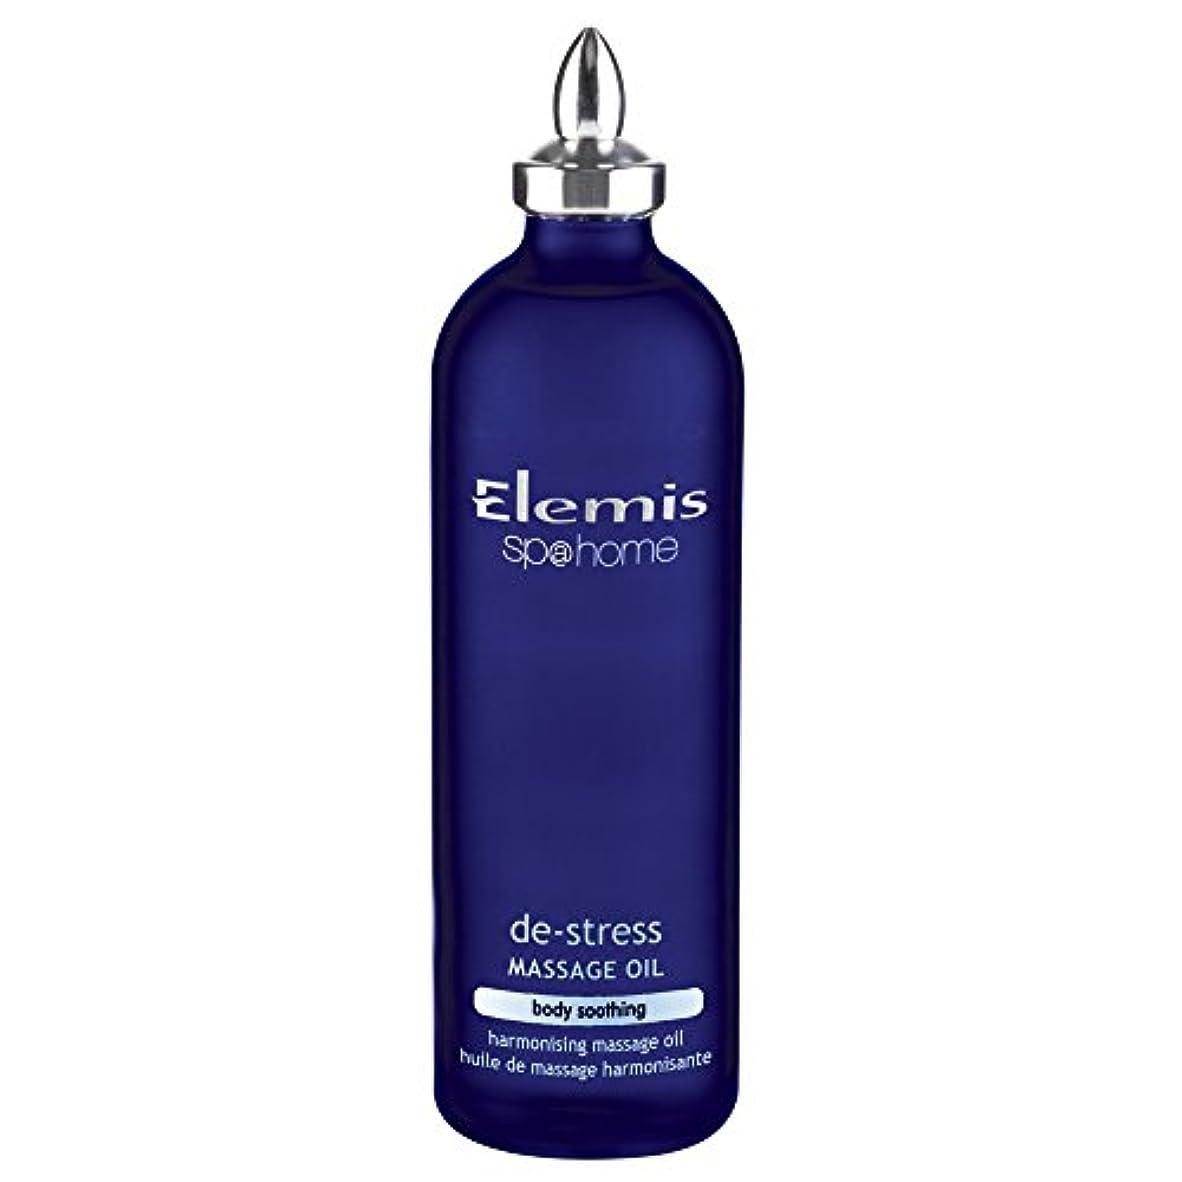 運動サークルフィードオンエレミスストレス解消マッサージオイル100ミリリットル (Elemis) (x2) - Elemis De-Stress Massage Oil 100ml (Pack of 2) [並行輸入品]